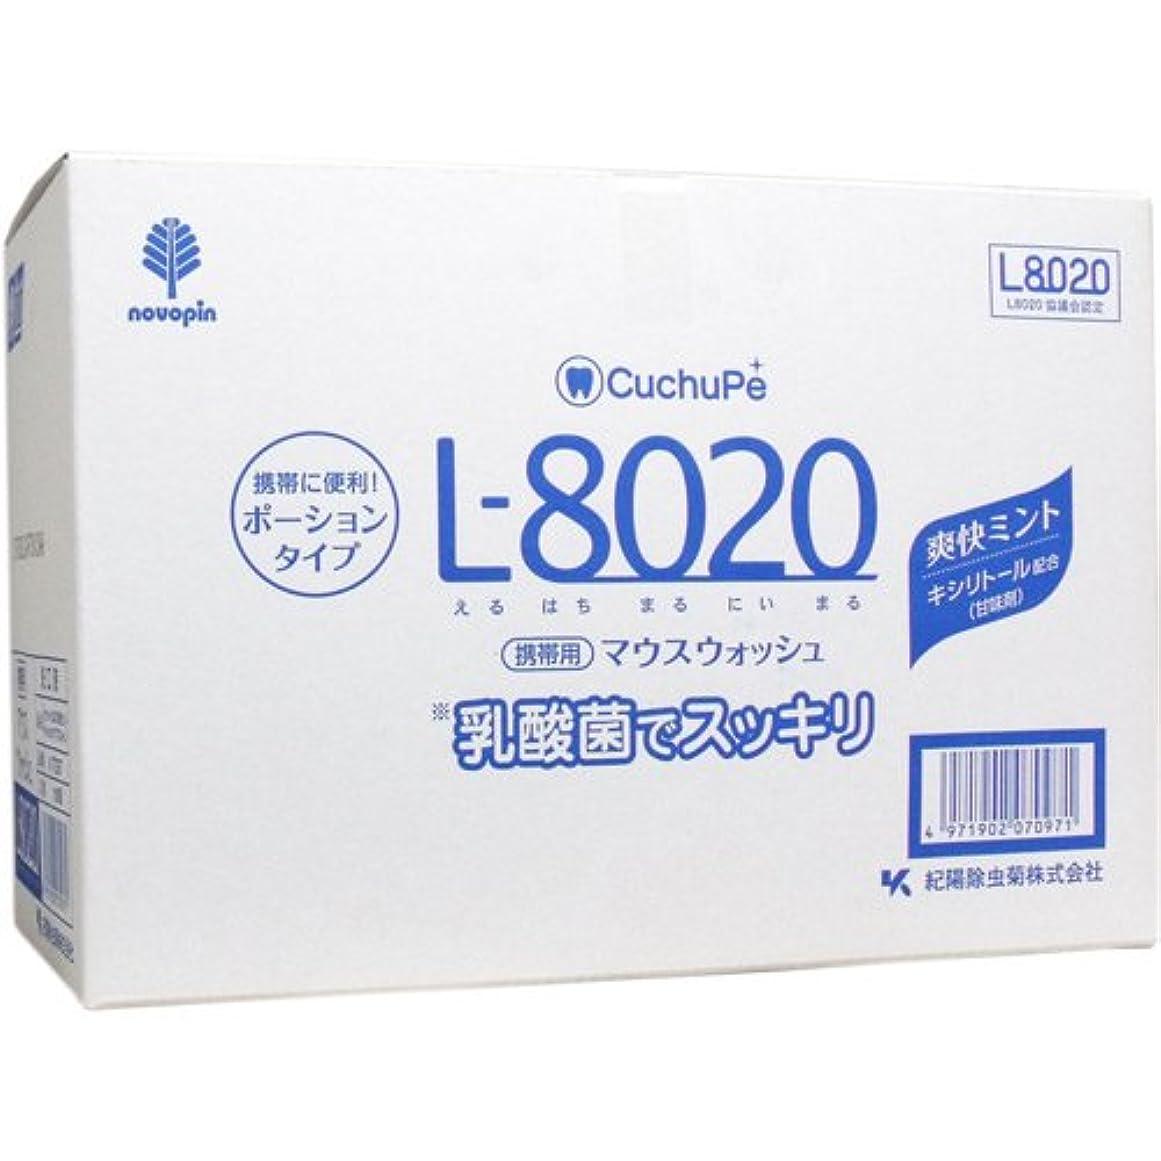 交じるプレフィックスあえぎクチュッペ L-8020 マウスウォッシュ 爽快ミント ポーションタイプ 100個入